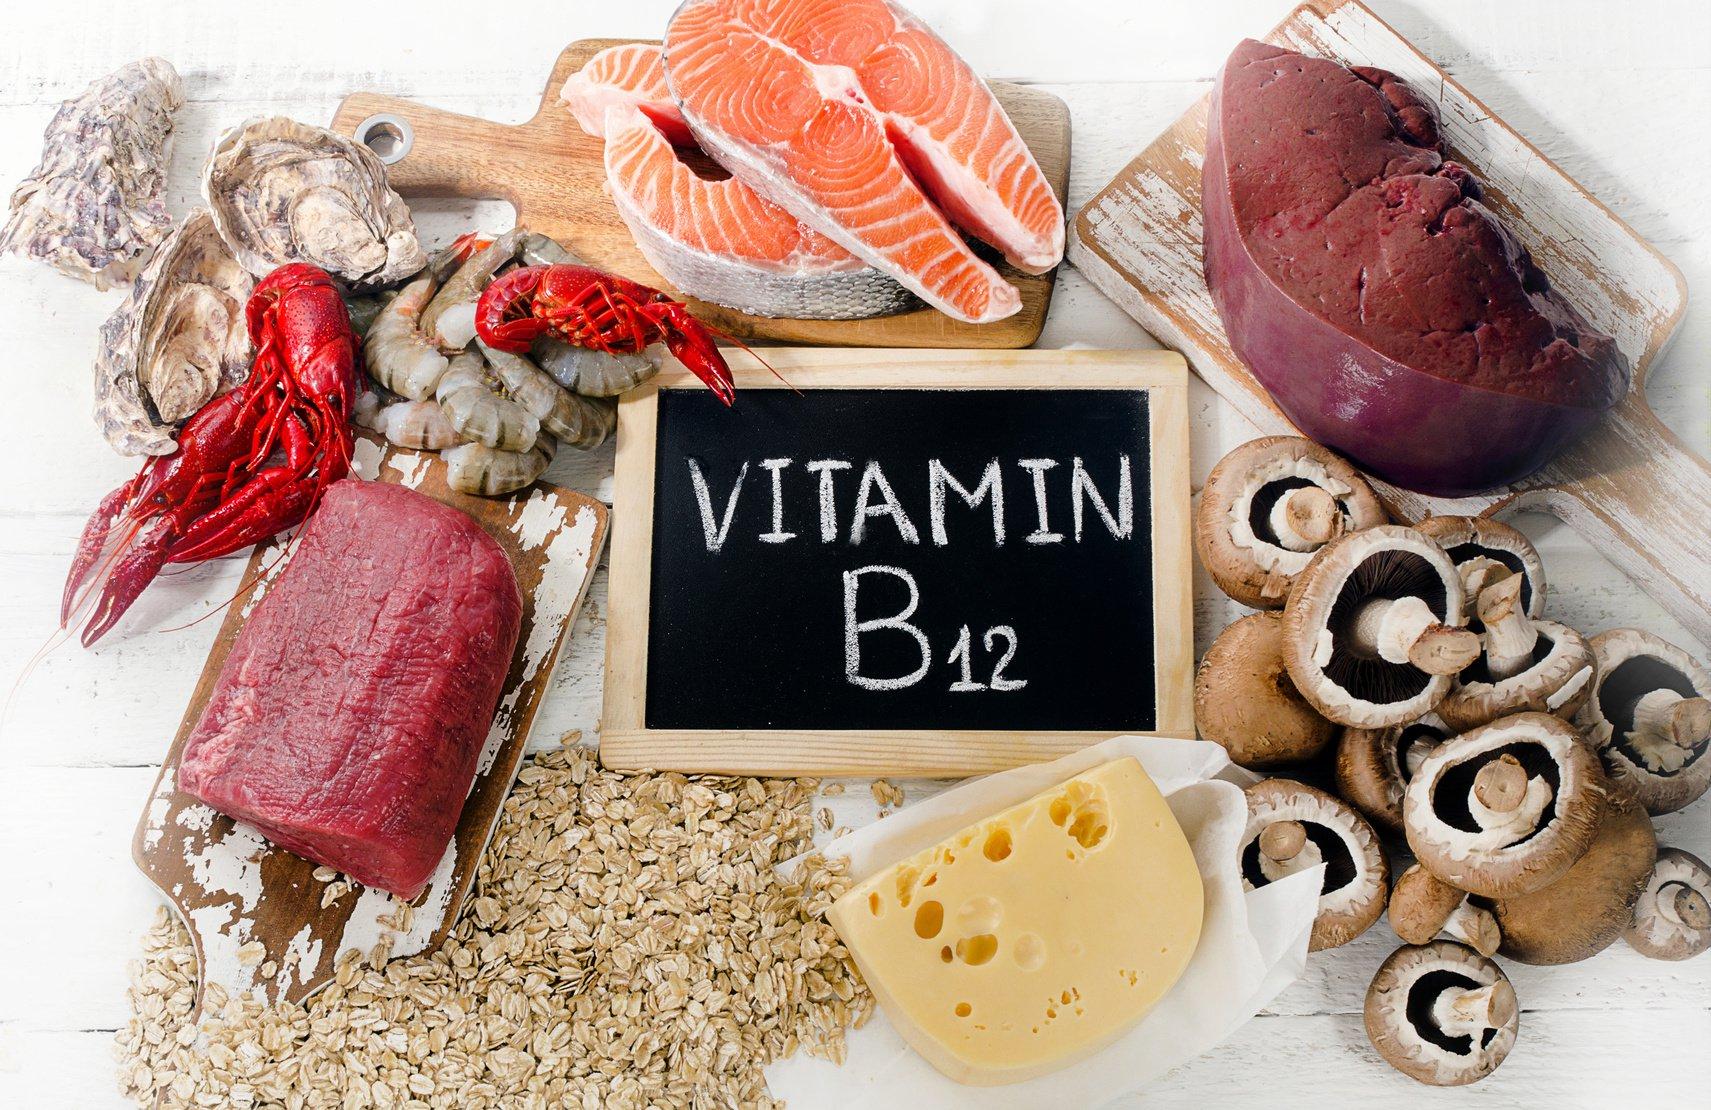 Vitamin B12 có thể được tìm thấy trong các loại thực phẩm như sữa, thịt hay ngũ cốc.